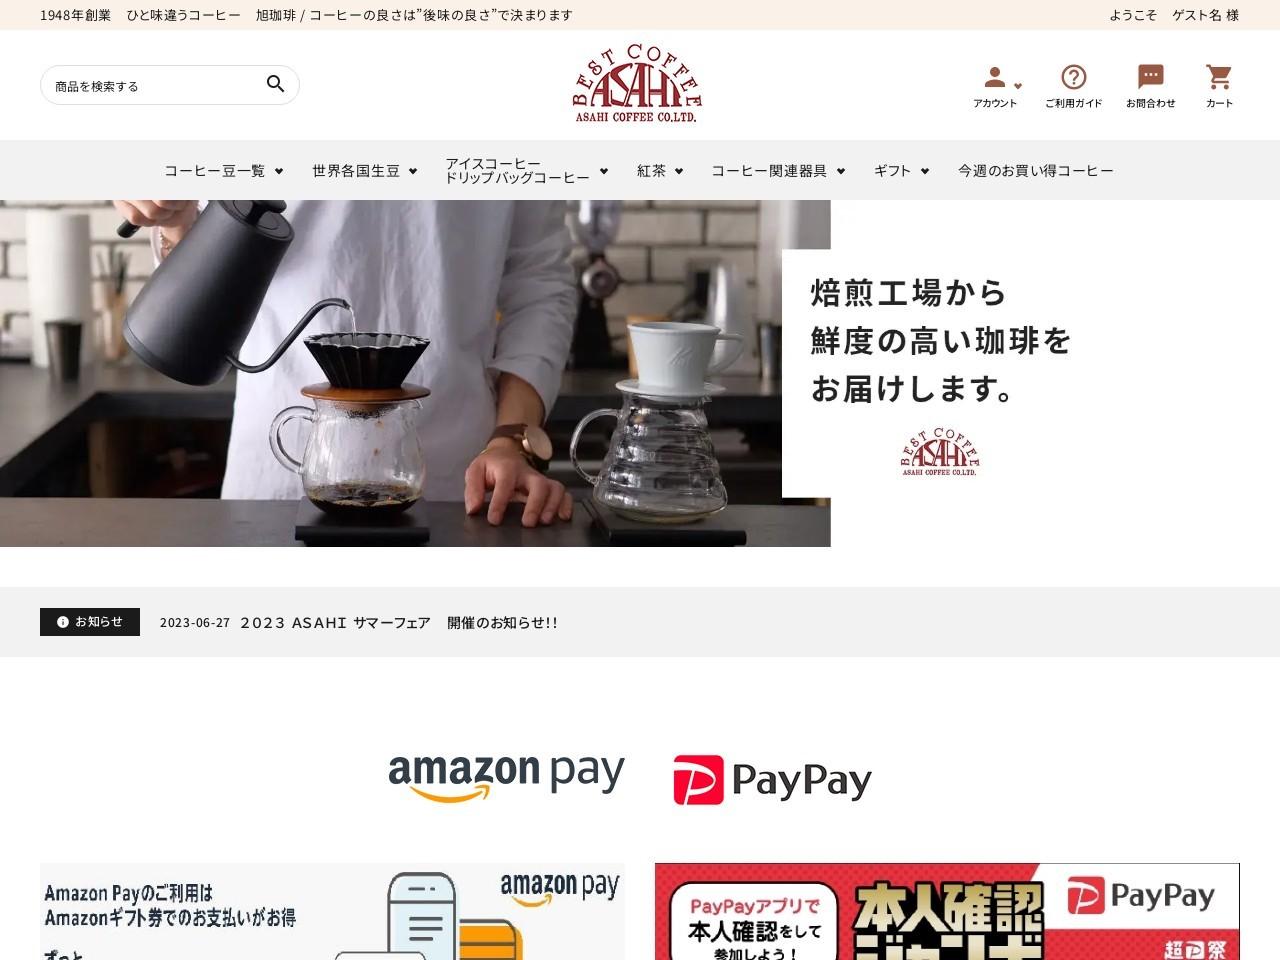 ひと味ちがう珈琲 【 旭珈琲 】アサヒコーヒー 大阪 西区 喫茶 コーヒー専門店 コーヒー豆販売 コーヒー通販 お試しコーヒー ドリップバッグ アイスコーヒー リキッドアイスコーヒー 紅茶 コーヒギフト 焙煎機 生豆 コーヒーミル コーヒーメーカー